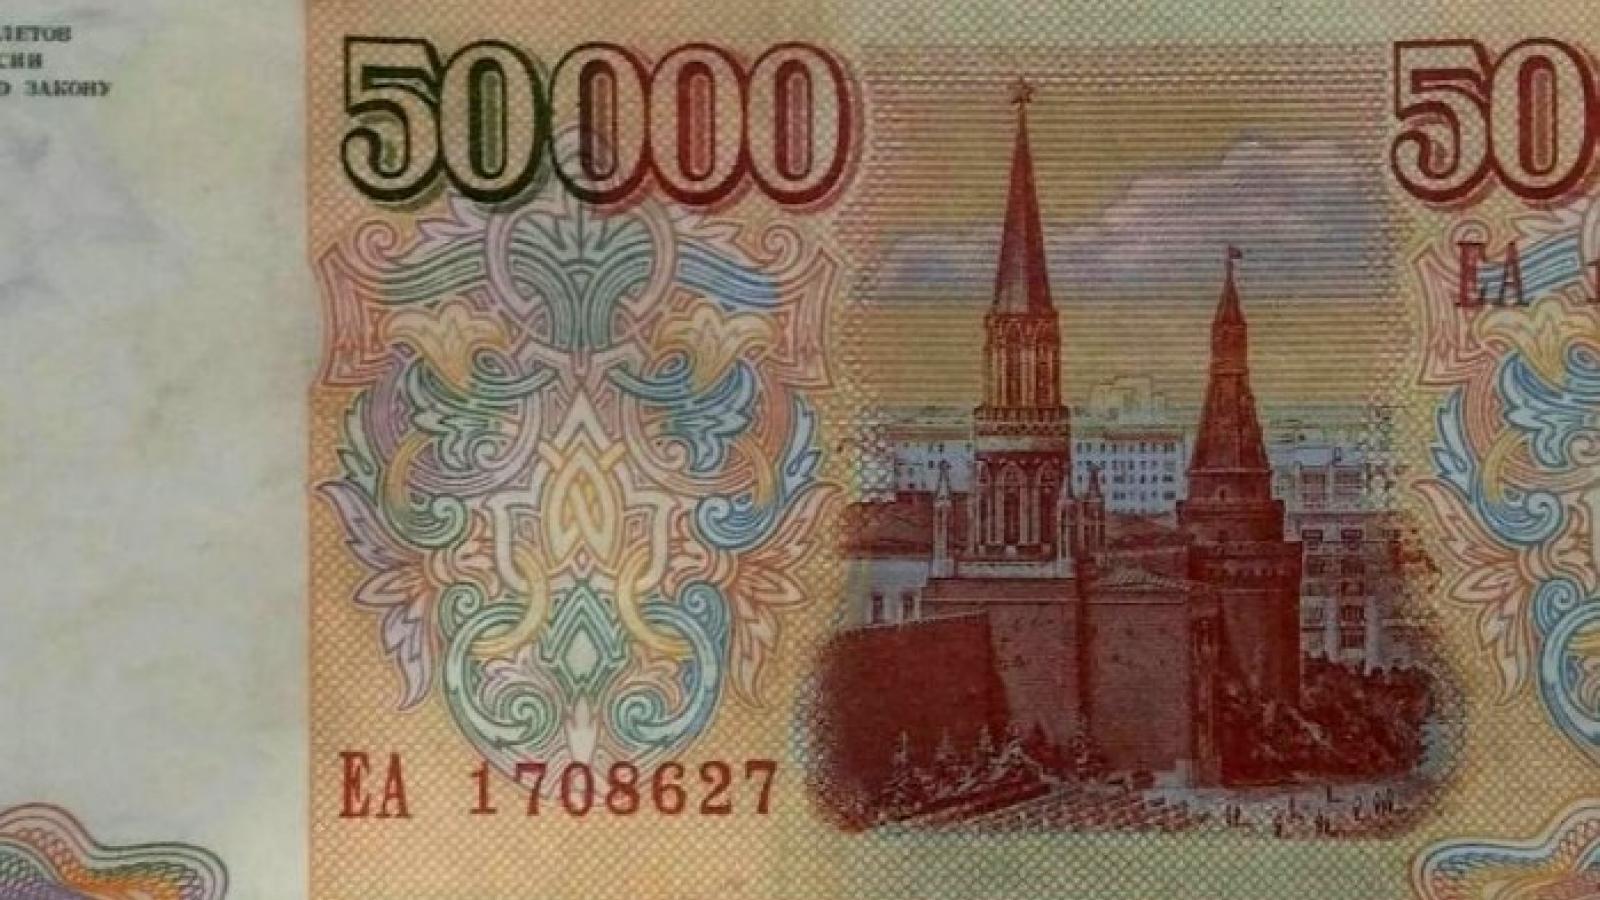 Мужчина расплатился купюрой номиналом 50 тыс. руб.